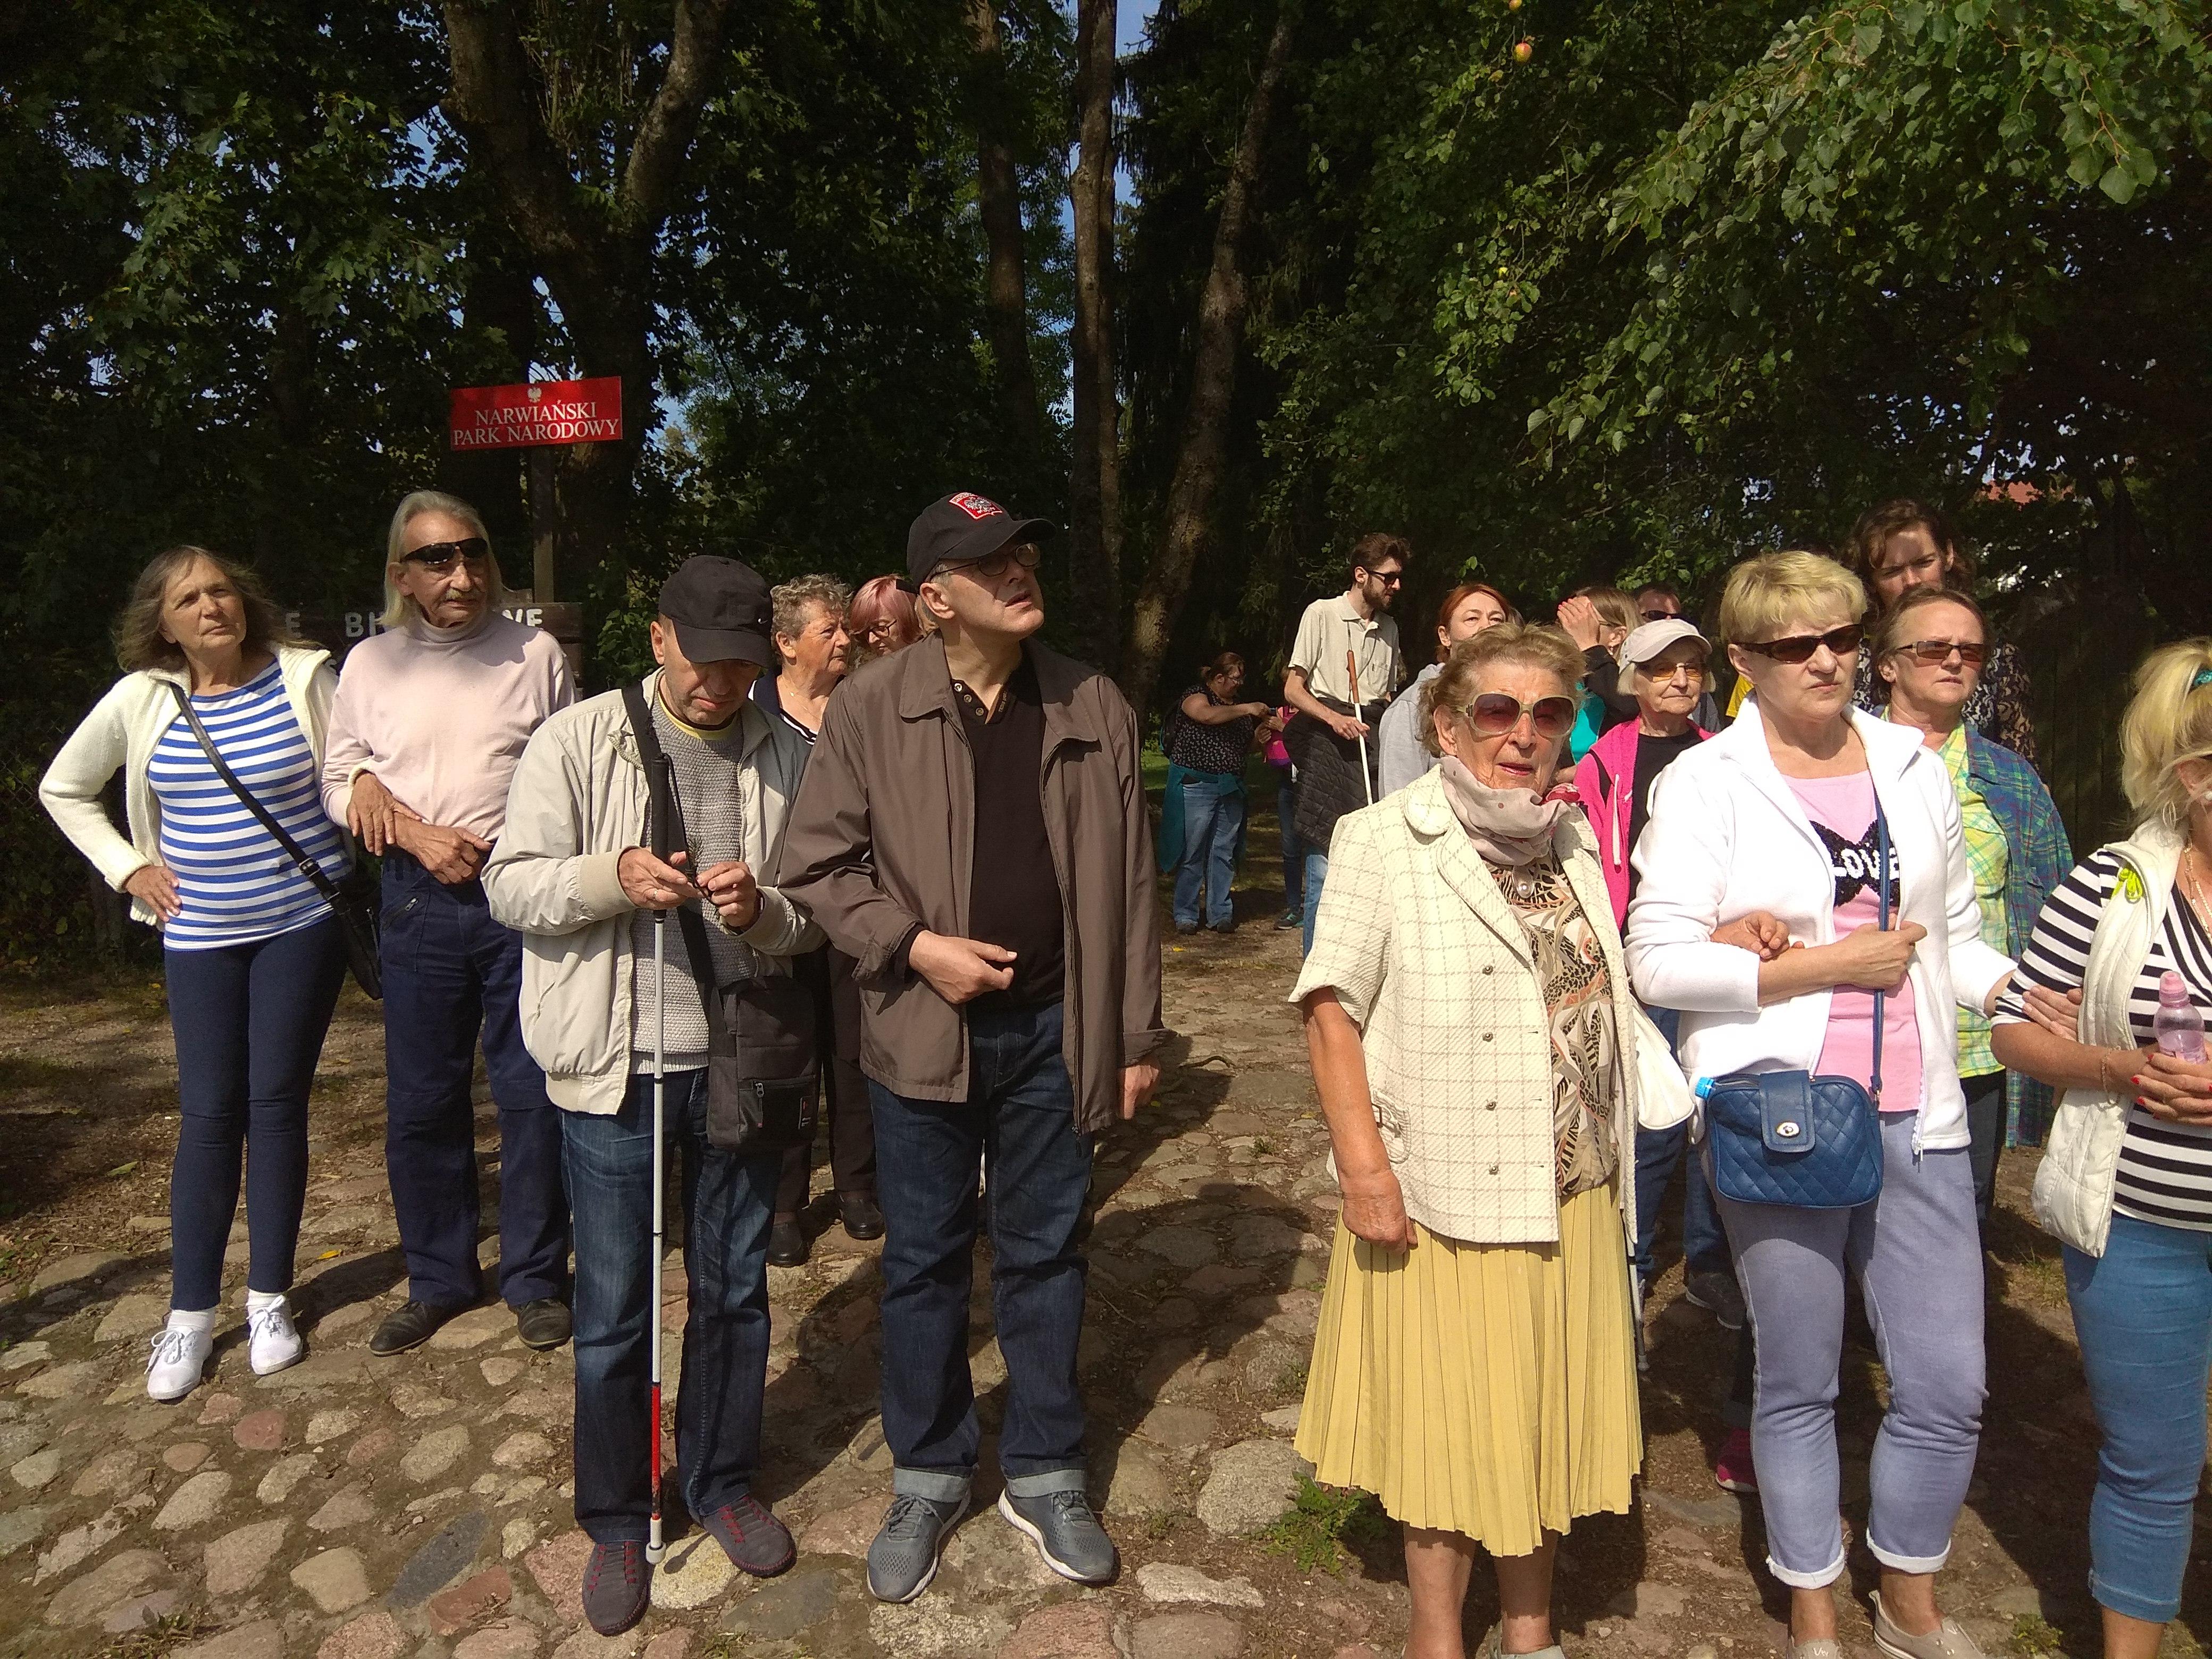 Spora grupa osób w różnym wieku stojąca na dworze to nasi zjazdowicze gotowi do wymarszu. Stoją na charakterystycznym podłożu z białymi kamieniami.